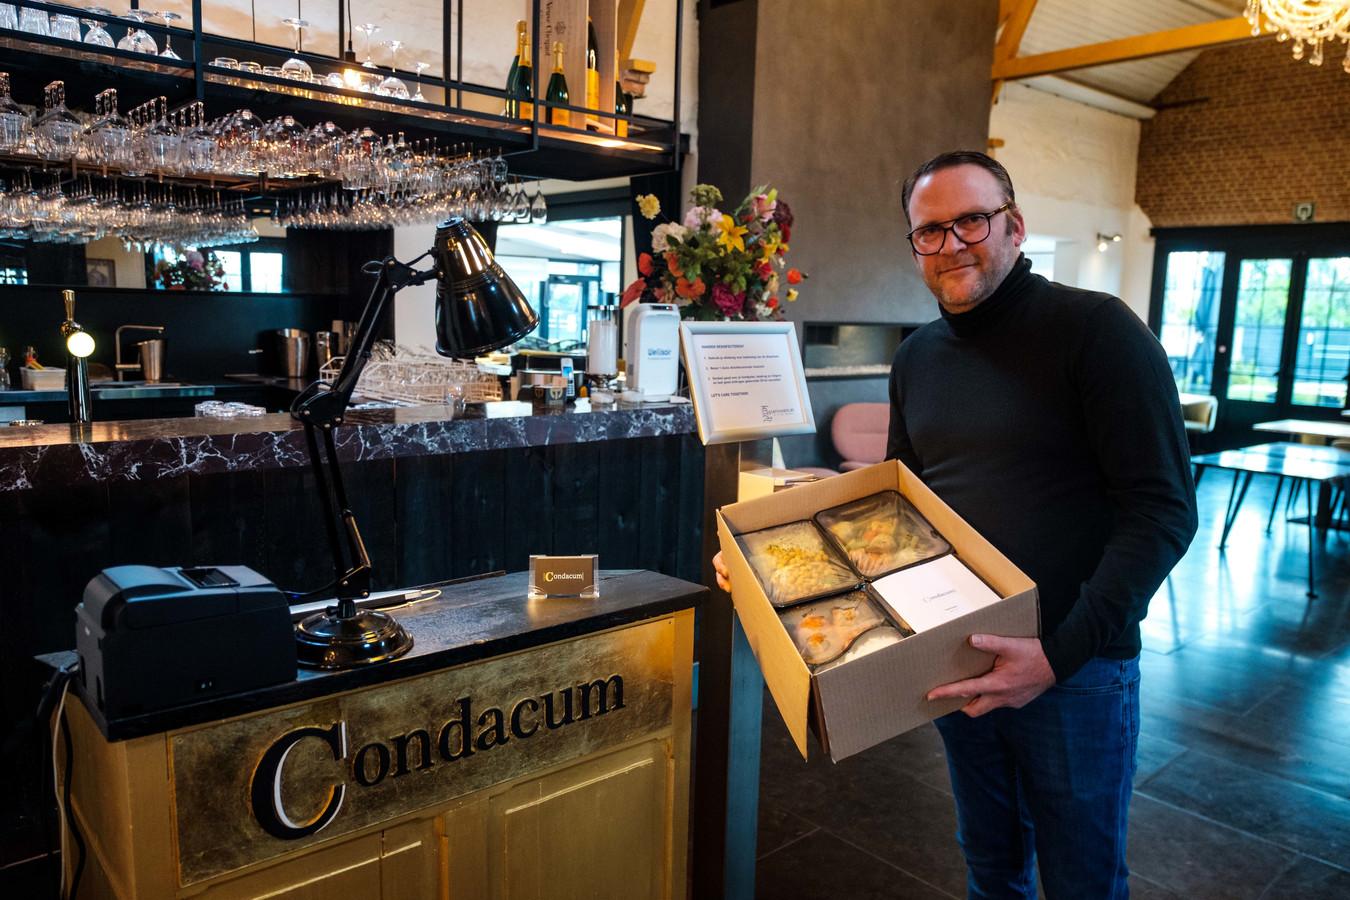 Manager Thierry Peeters van restaurant Condacum is gestart met deliverymaaltijden aan huis. Dat is zo'n succes dat het een blijver wordt, ook na corona.